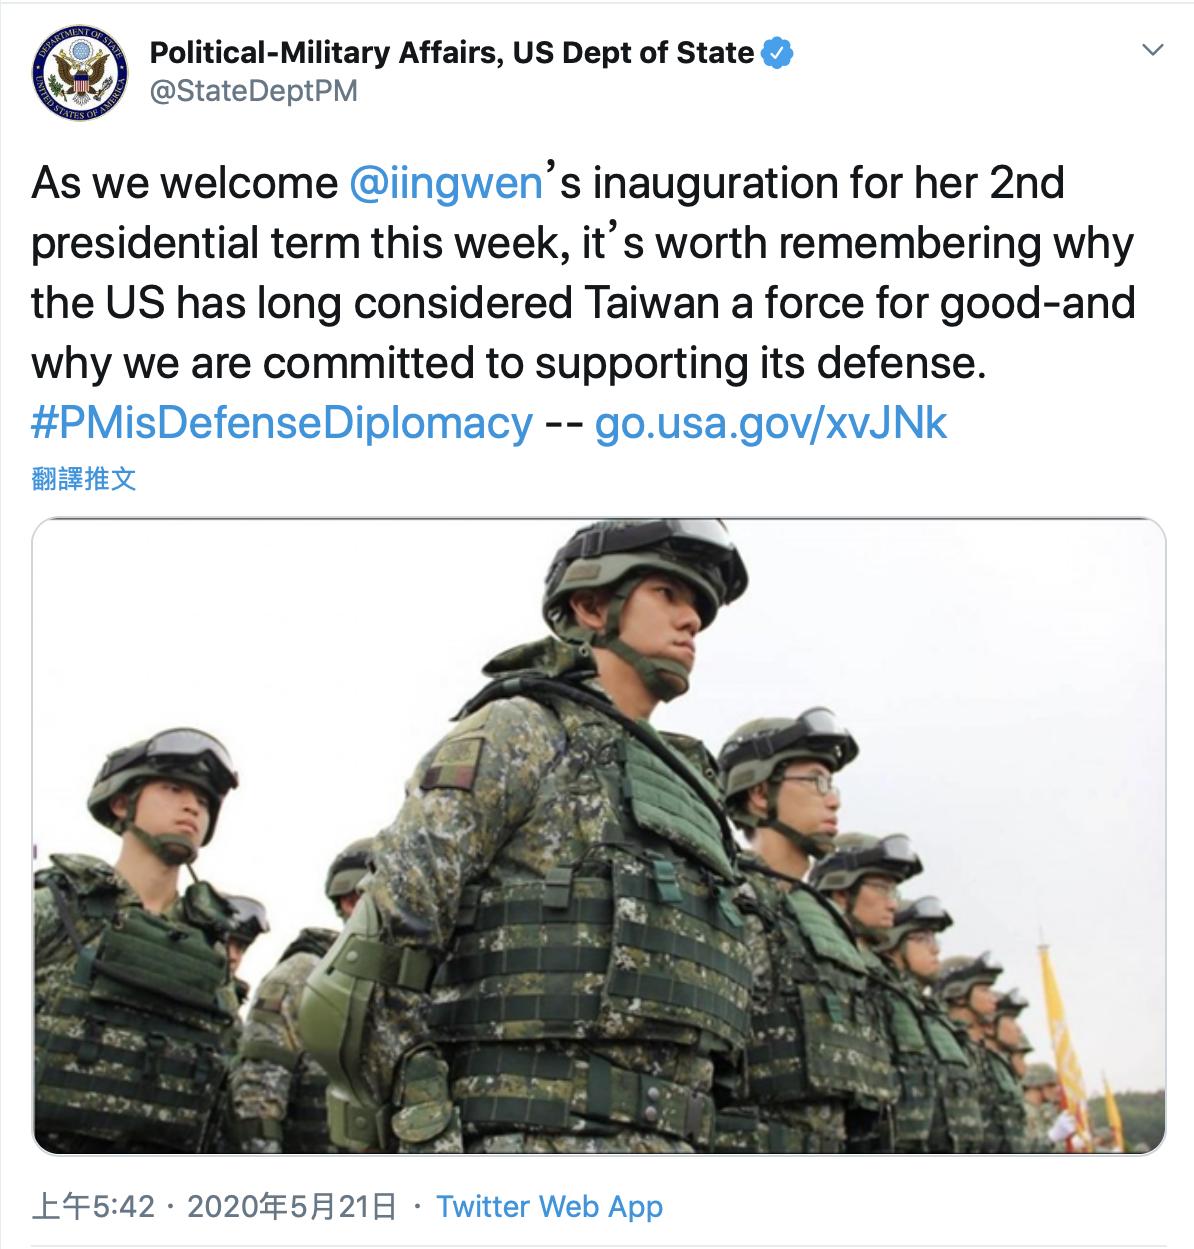 美国国务院政治军事局(U.S. Department of State's Bureau of Political-Military Affairs)21日推特宣布,美国国务院已经批准对台军售,包括 18 枚 MK-48 AT Mod 6 重型鱼雷。(U.S. Department of State's Bureau of Political-Military Affairs推特)